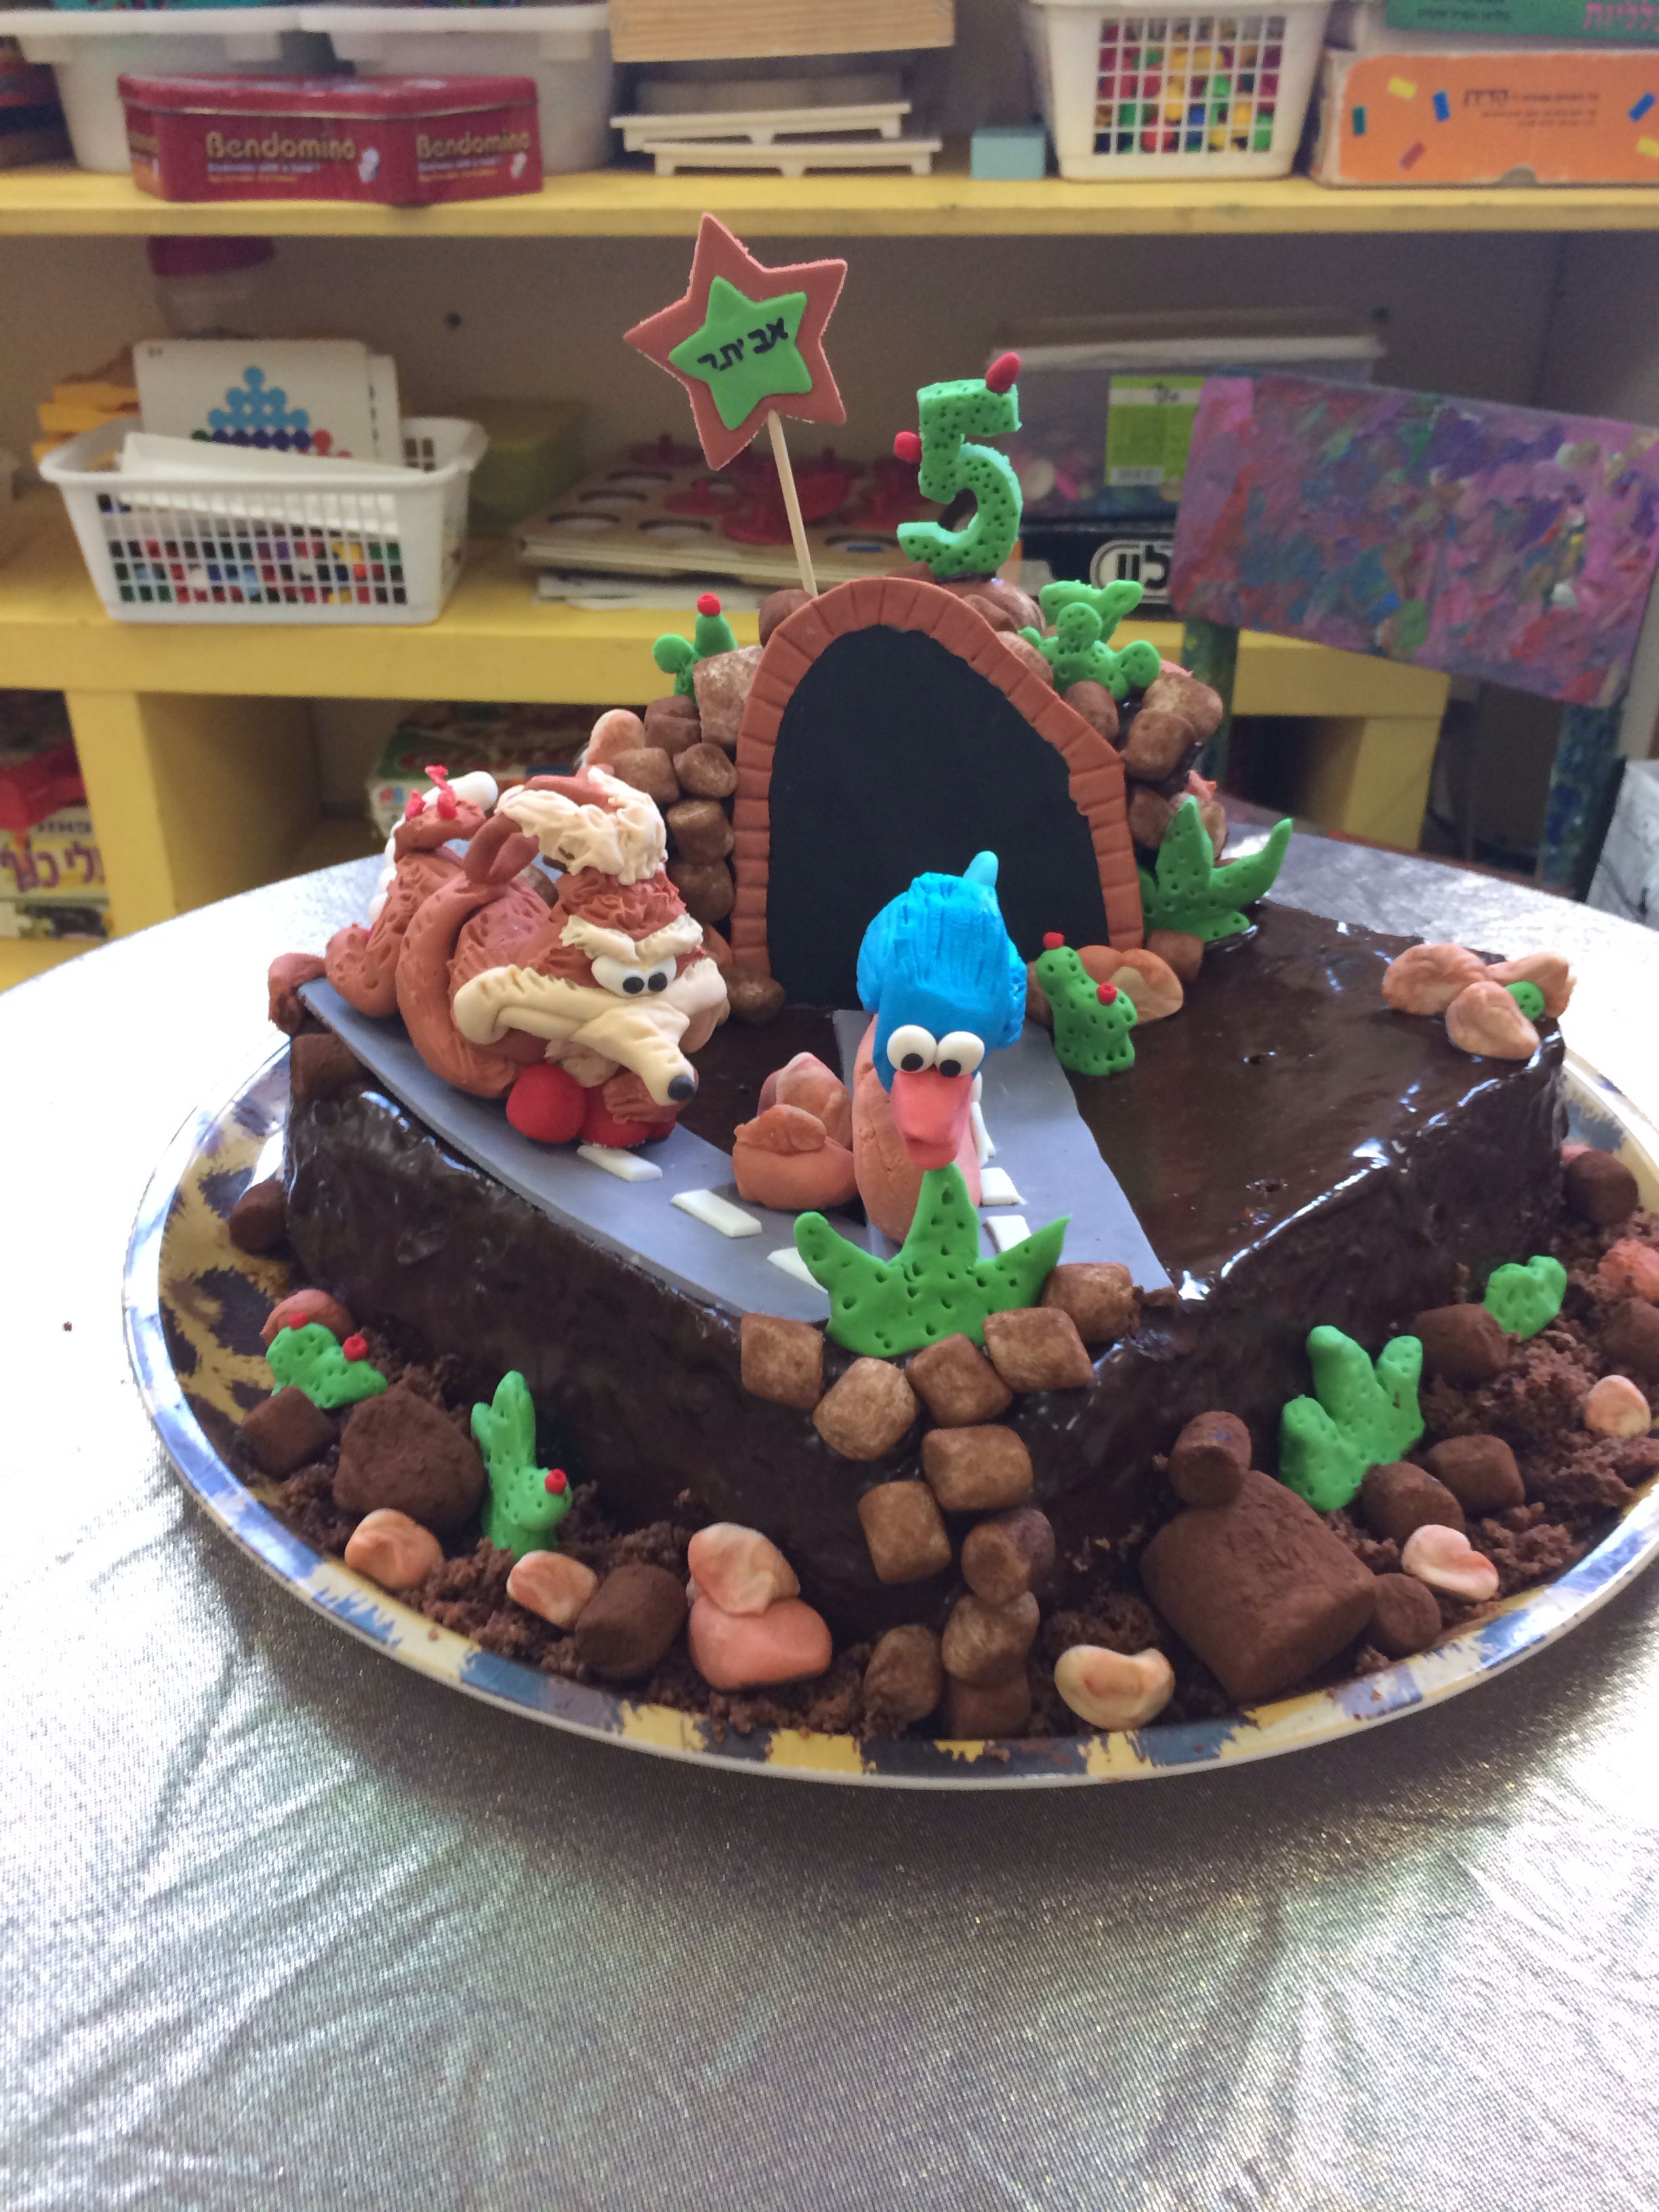 Roadrunner cake